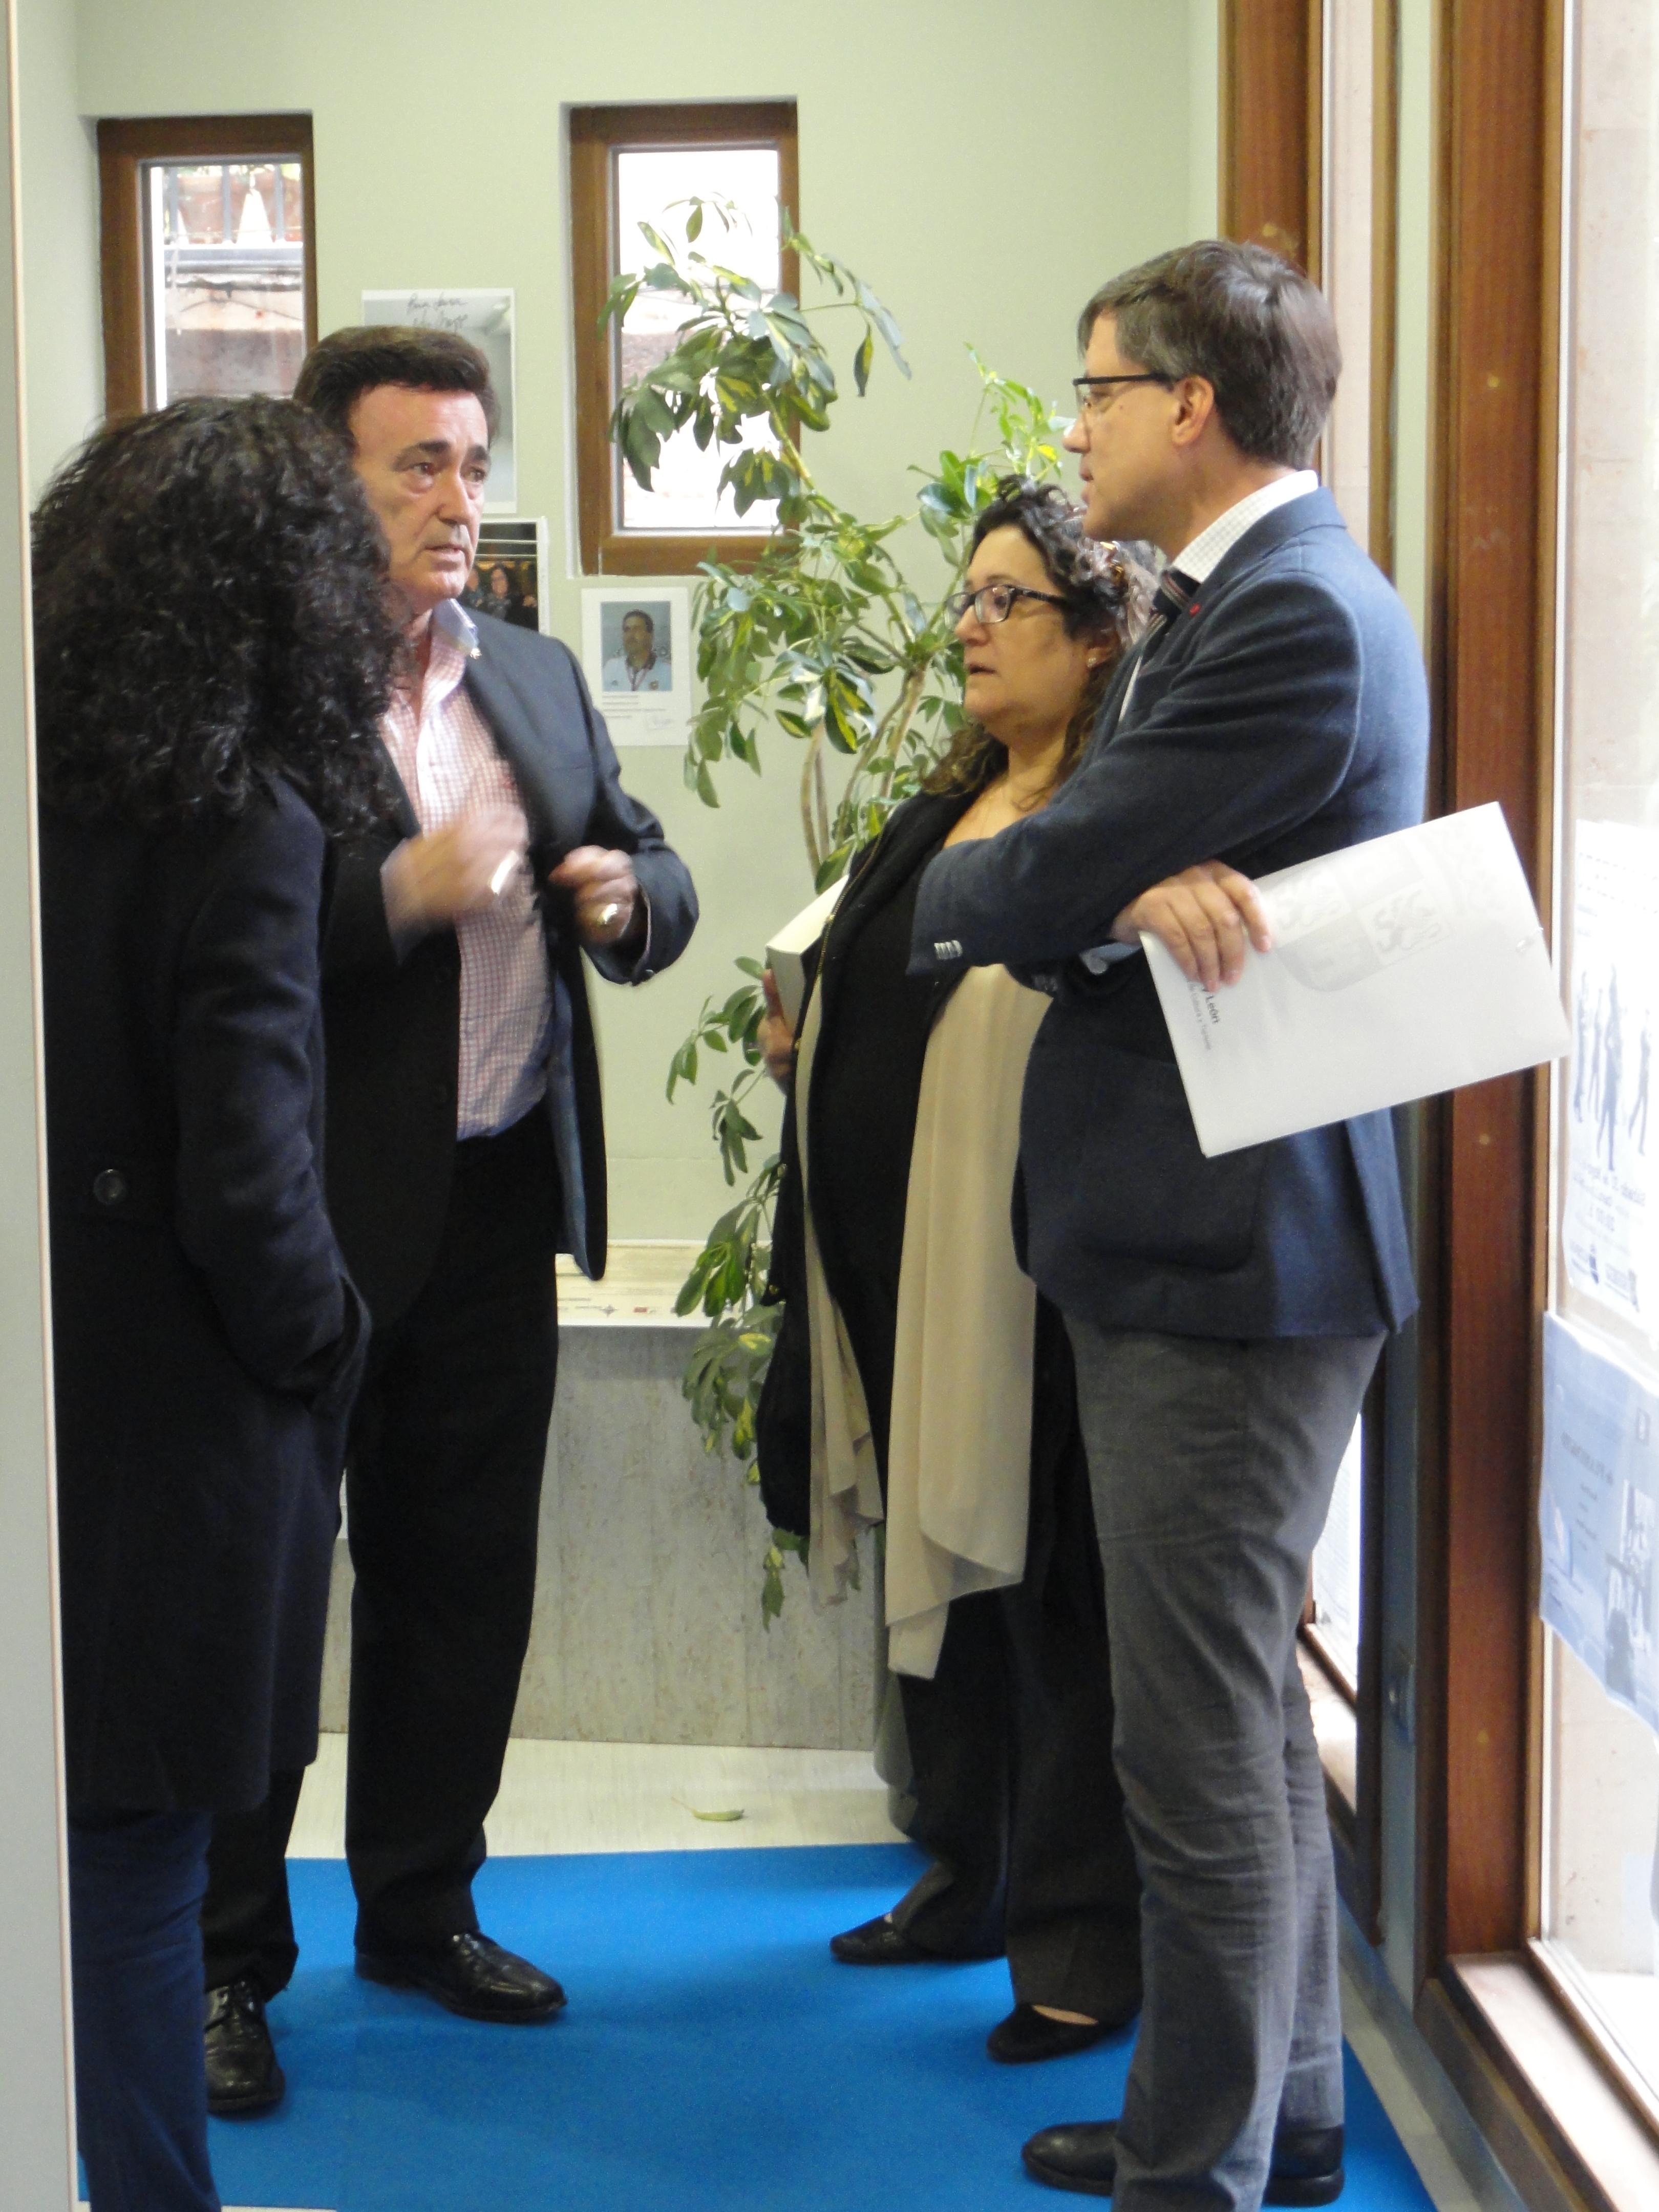 El alcalde de Cuéllar, Jesús García; la concejal de Cultura, Carmen Gómez y el director general de Patrimonio Cultural, Enrique Saiz. / C. SANCHO